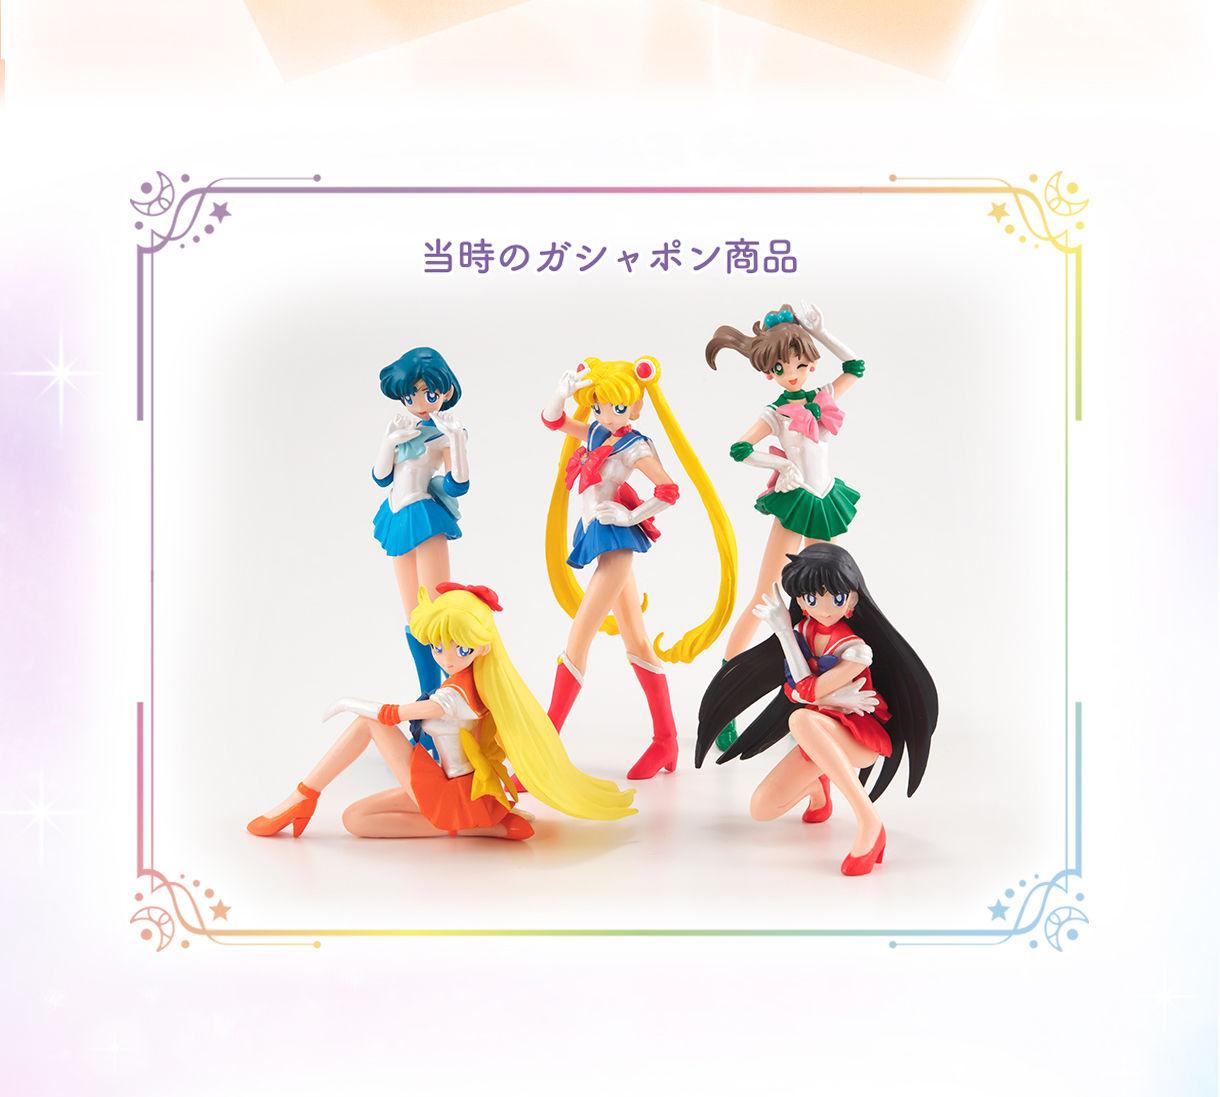 【限定販売】HGシリーズ『HGIF美少女戦士セーラームーン プレミアムコレクション』完成品フィギュア-002